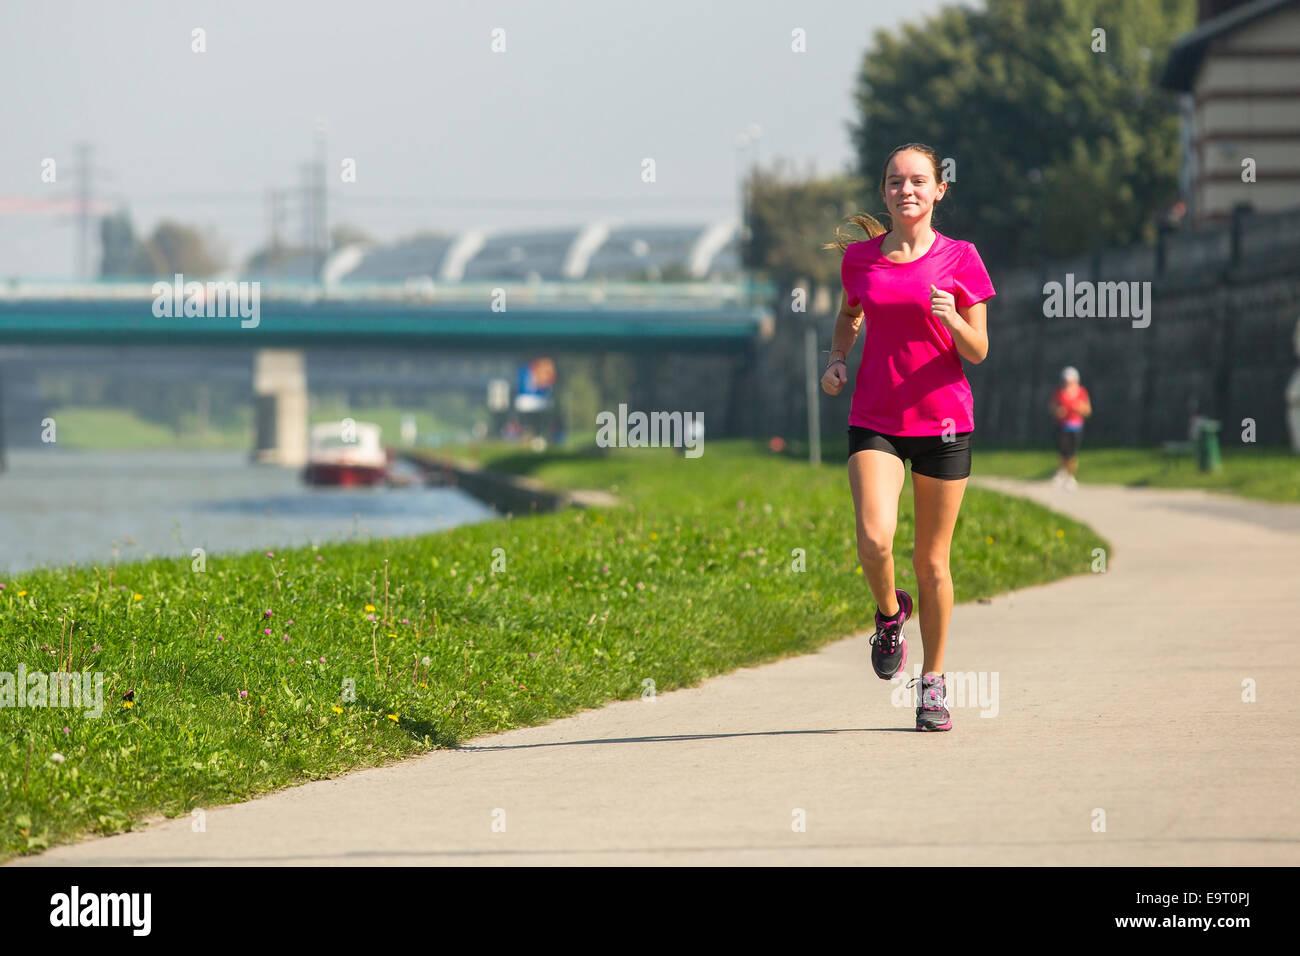 Ragazza giovane jogging vicino il greto del fiume. Uno stile di vita sano. Immagini Stock